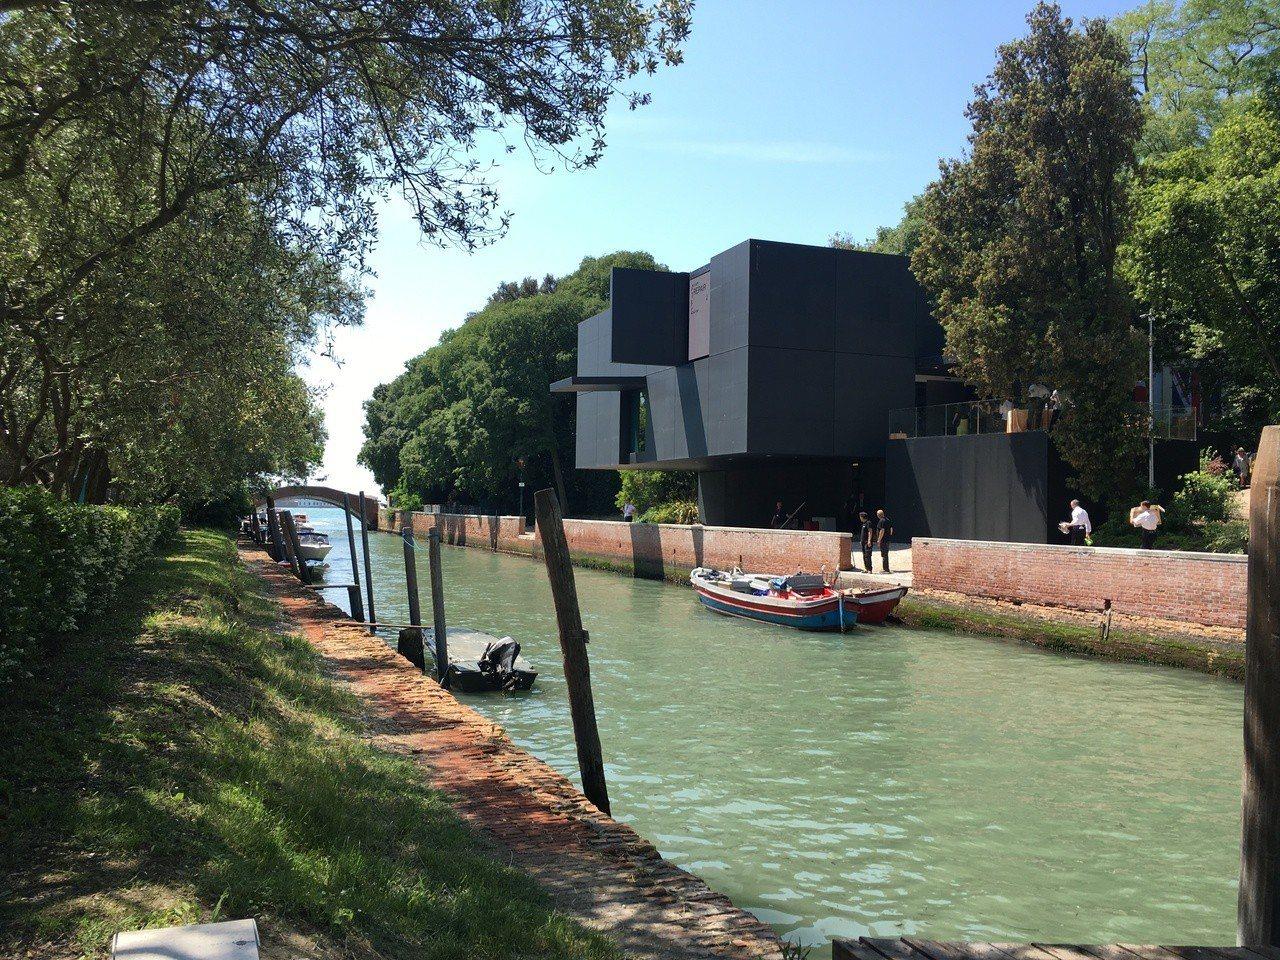 威尼斯建築雙年展的綠園展區本身是公園,風景優美。圖右前方是澳洲館。記者何定照/攝...